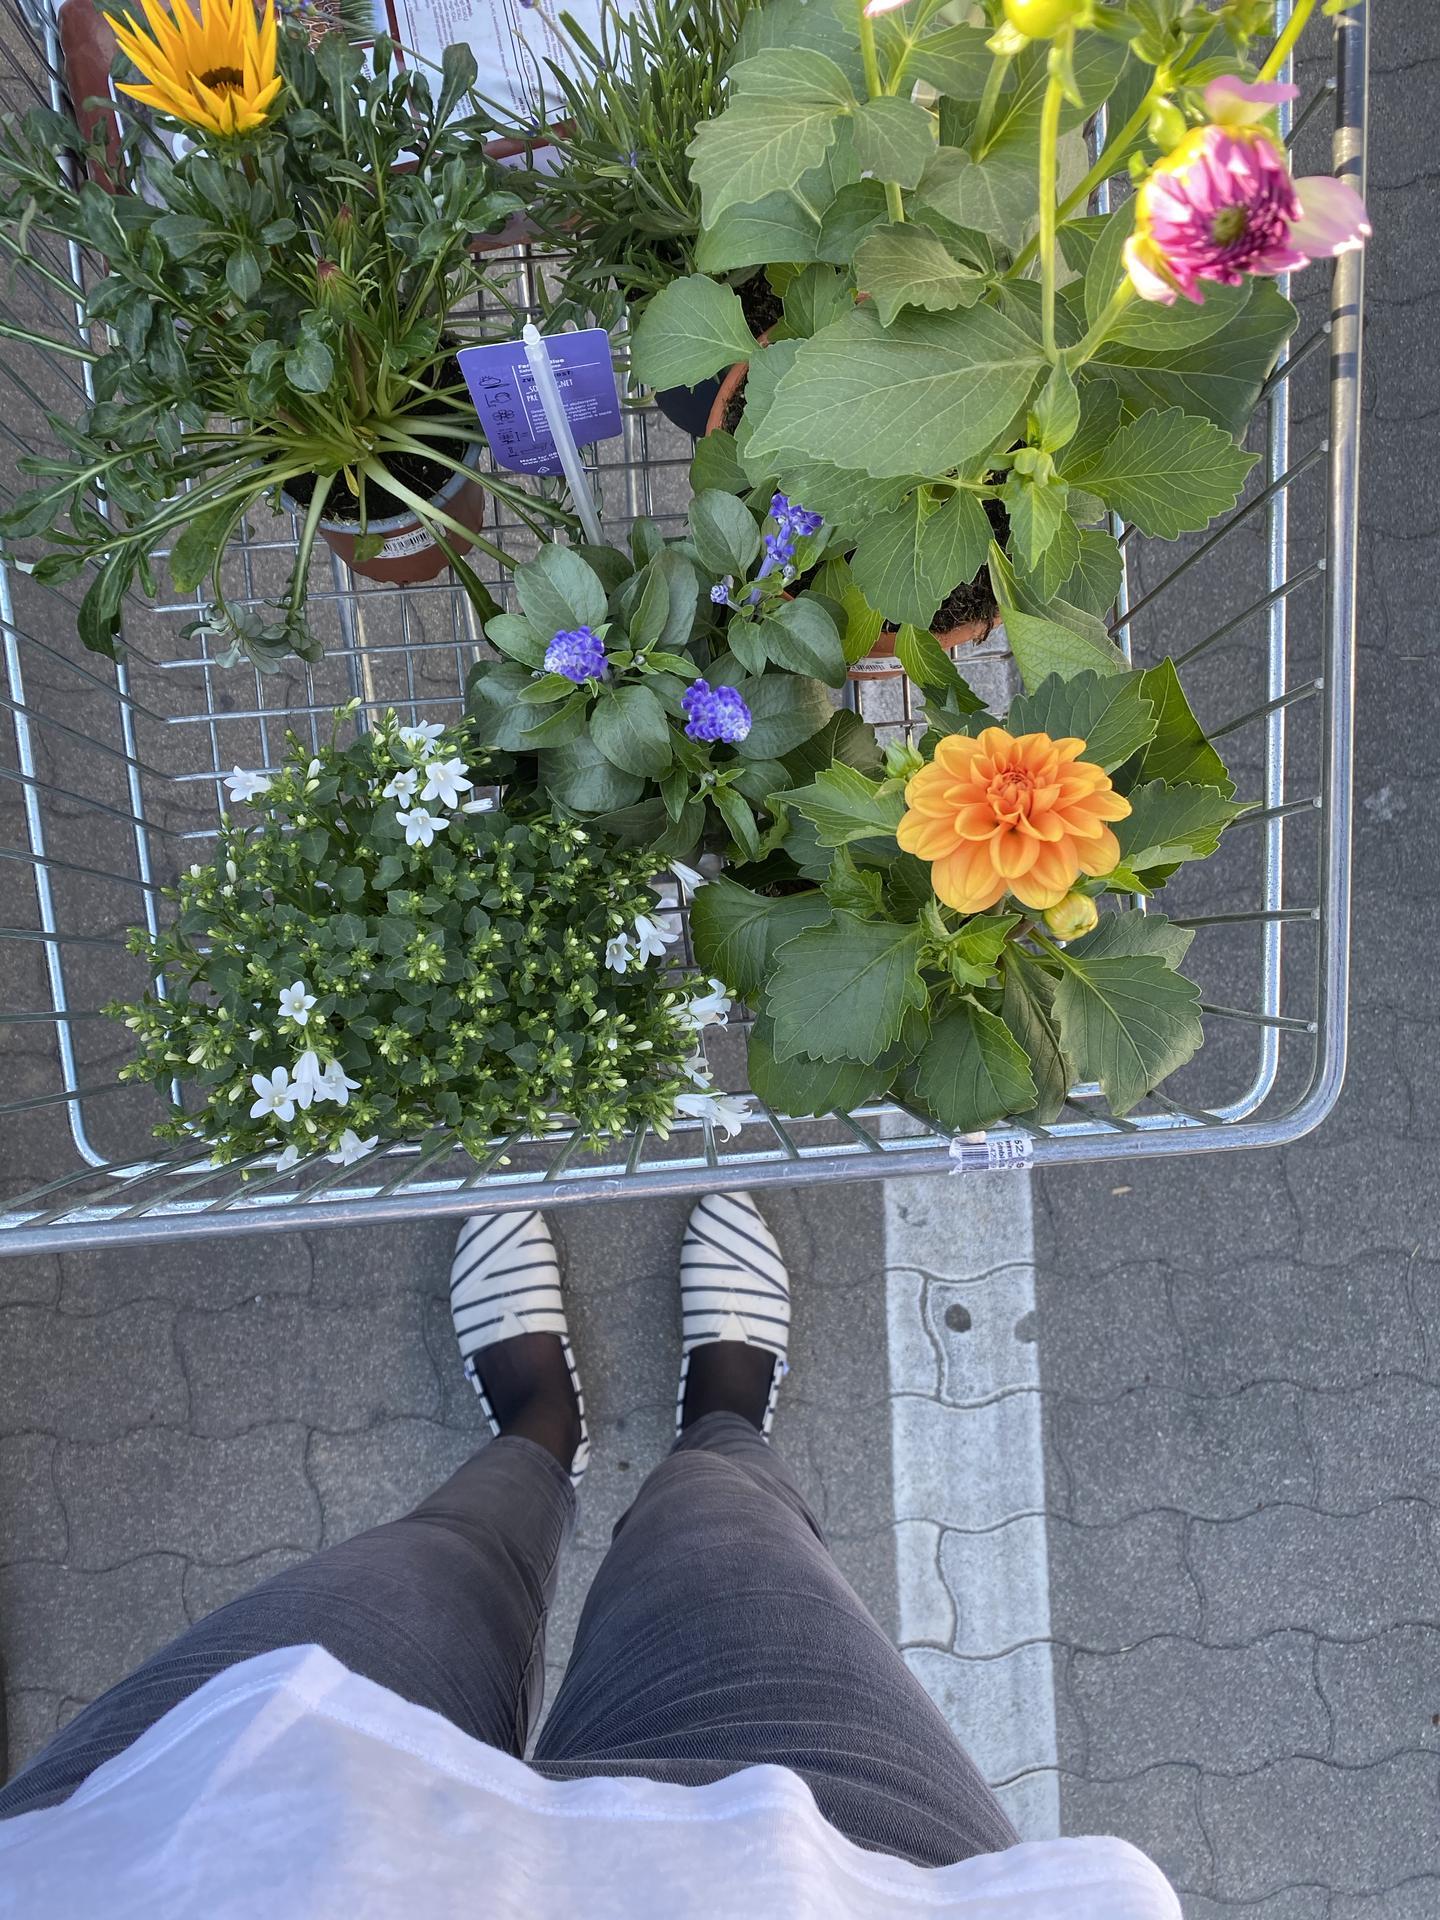 Plány na víkend sú jasné, popresádzať tieto nové prírastky na balkón :) priznám sa, že som nakupovala len pocitovo, bez toho, aby som si zisťovala, ktoré z týchto kvetov sú vhodné na balkón. Ale veď nejak začať treba a moje rajčiny si zaslúžia spoločnosť :) - Obrázok č. 1